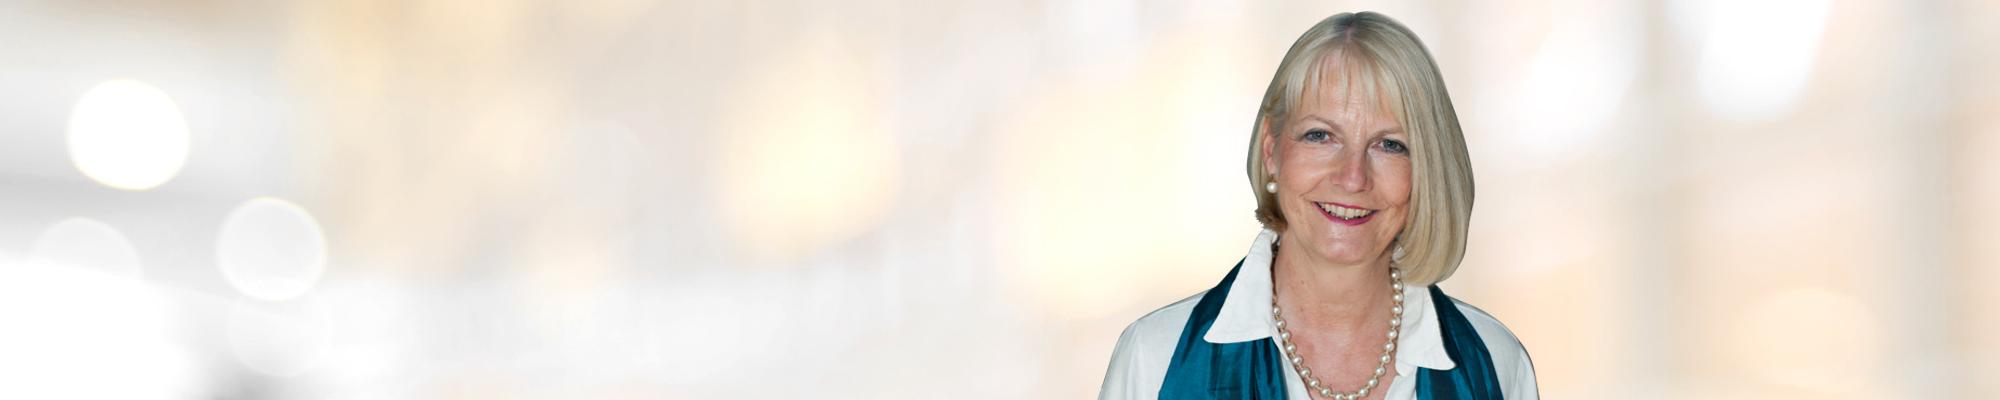 Sigrid Lottes, Inhaberin der Praxis für integrative Medizin